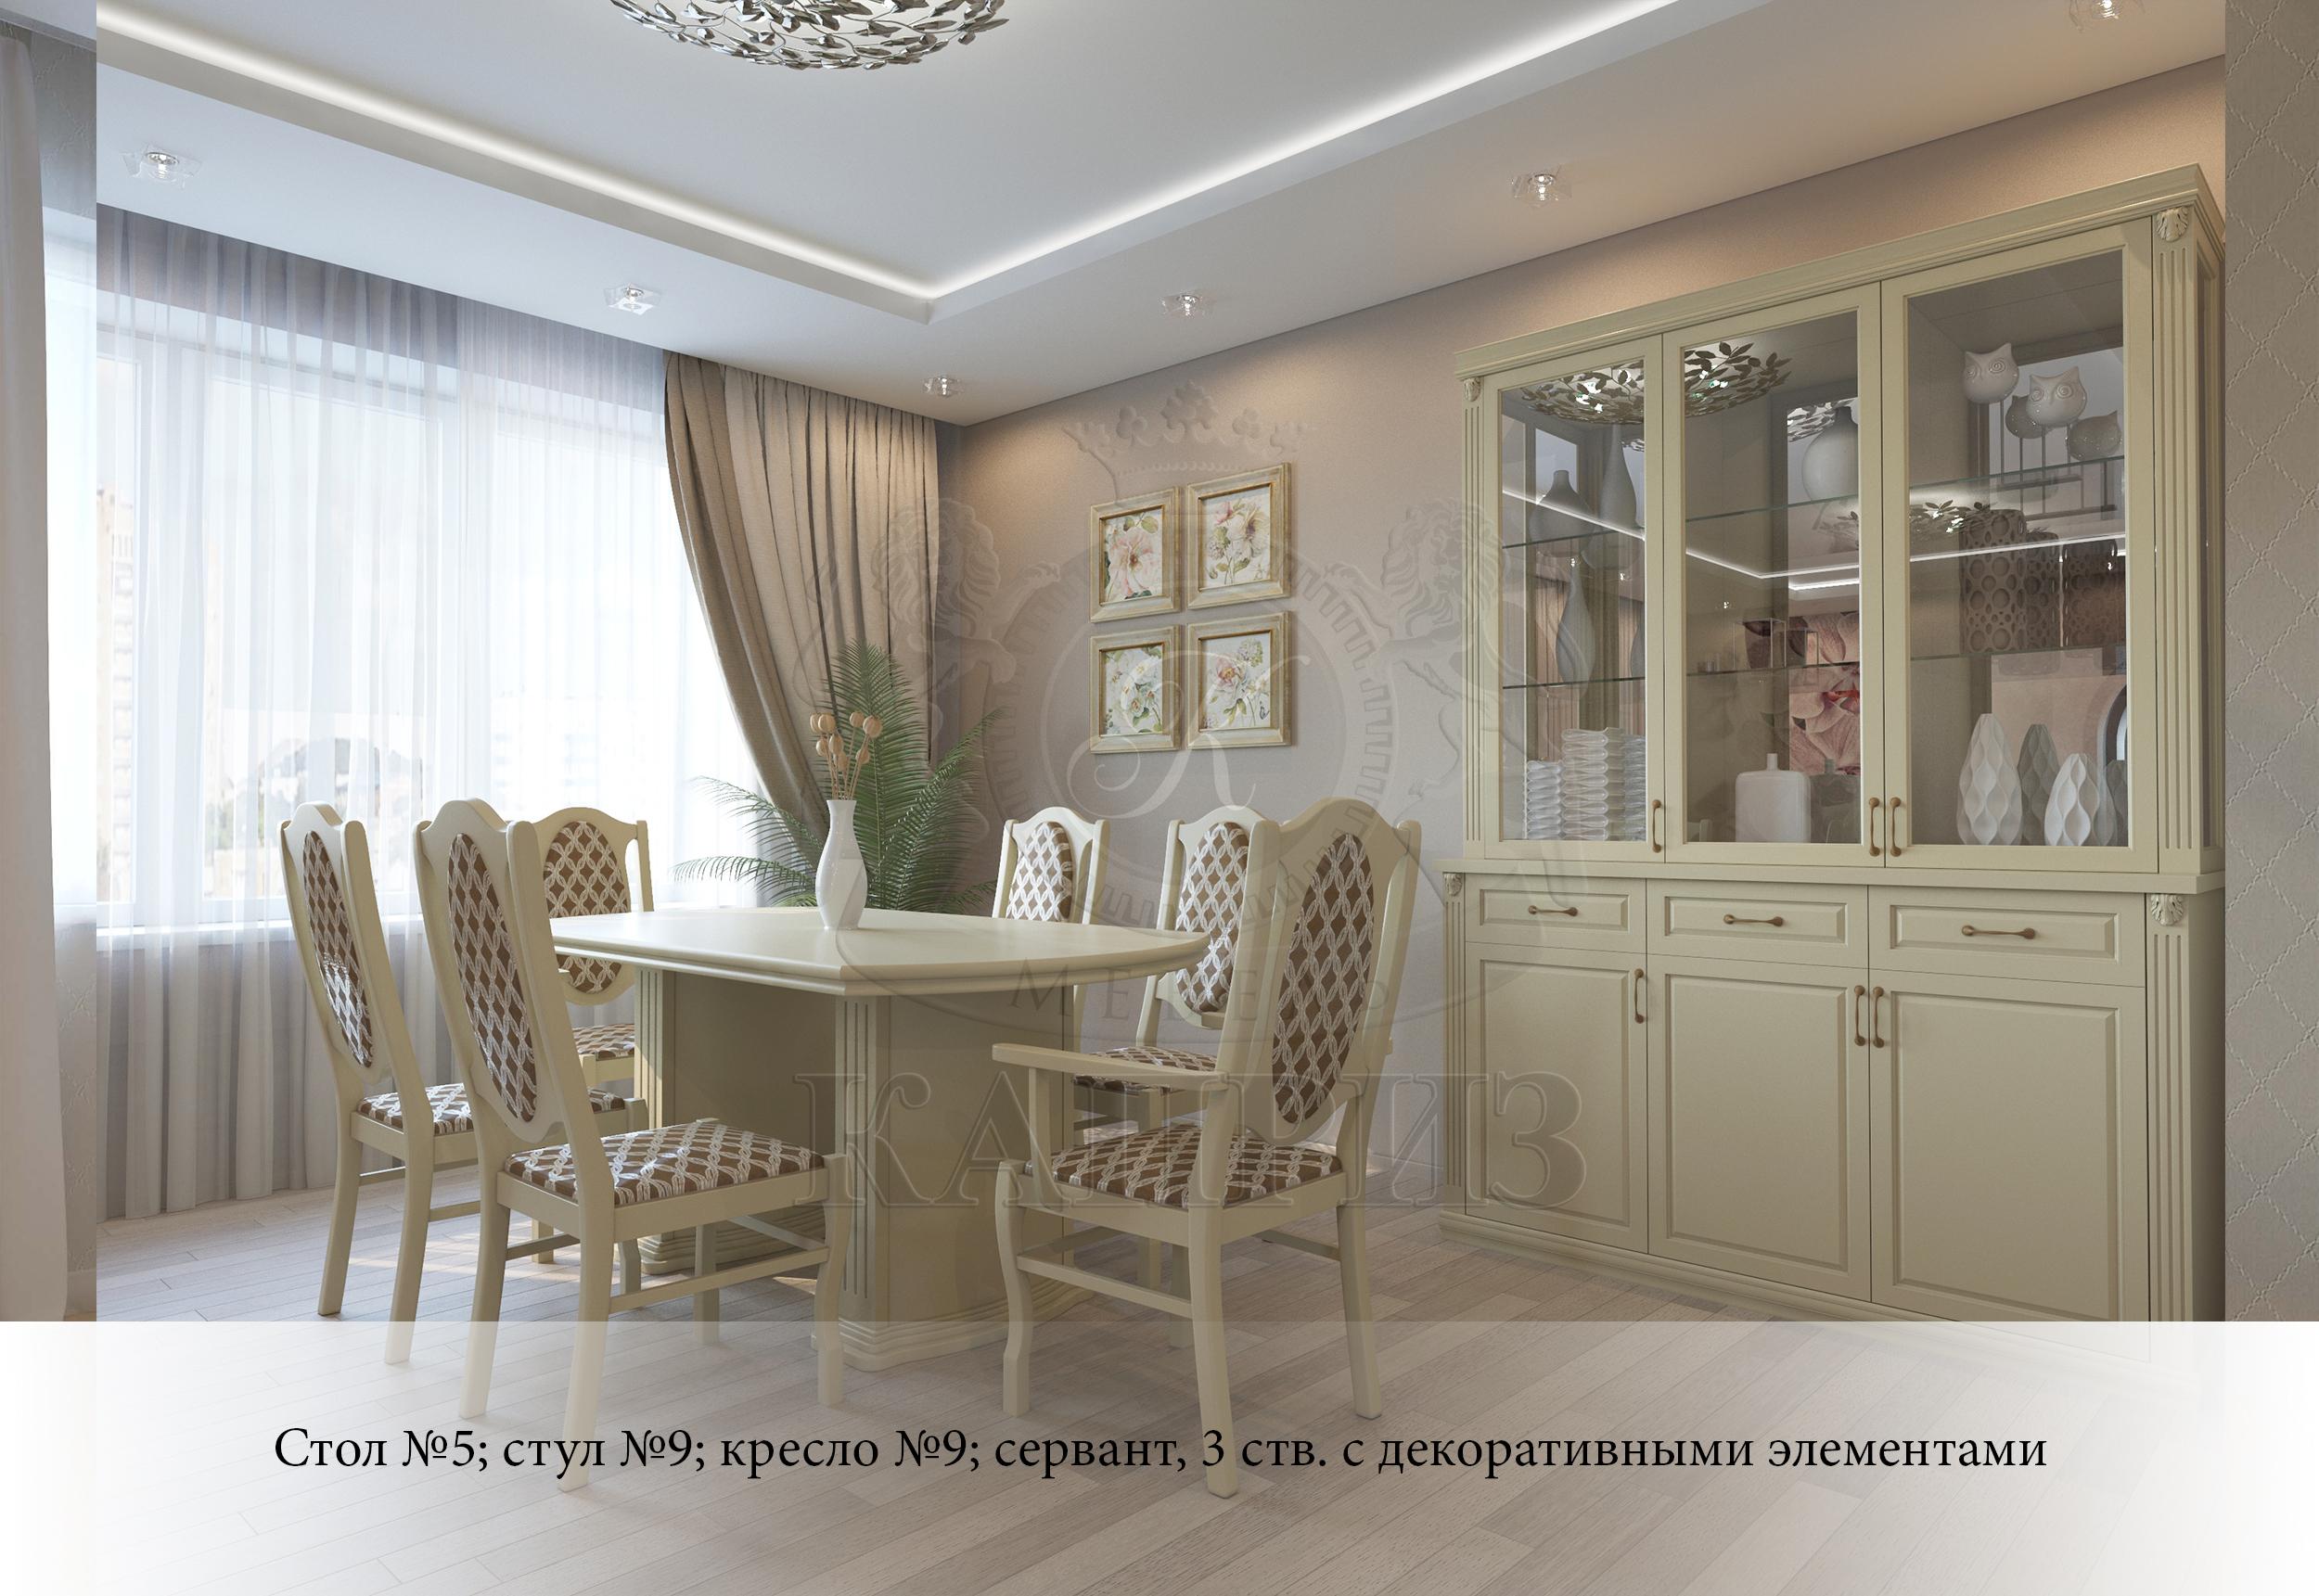 Сбор заказов. Мебель из массива от российского производителя. Модульные системы, шкафы, кровати, комоды и тумбы, обеденные группы. Кухни, кухонные уголки, столы и стулья.. Библиотеки и витрины. Матрасы. - 2